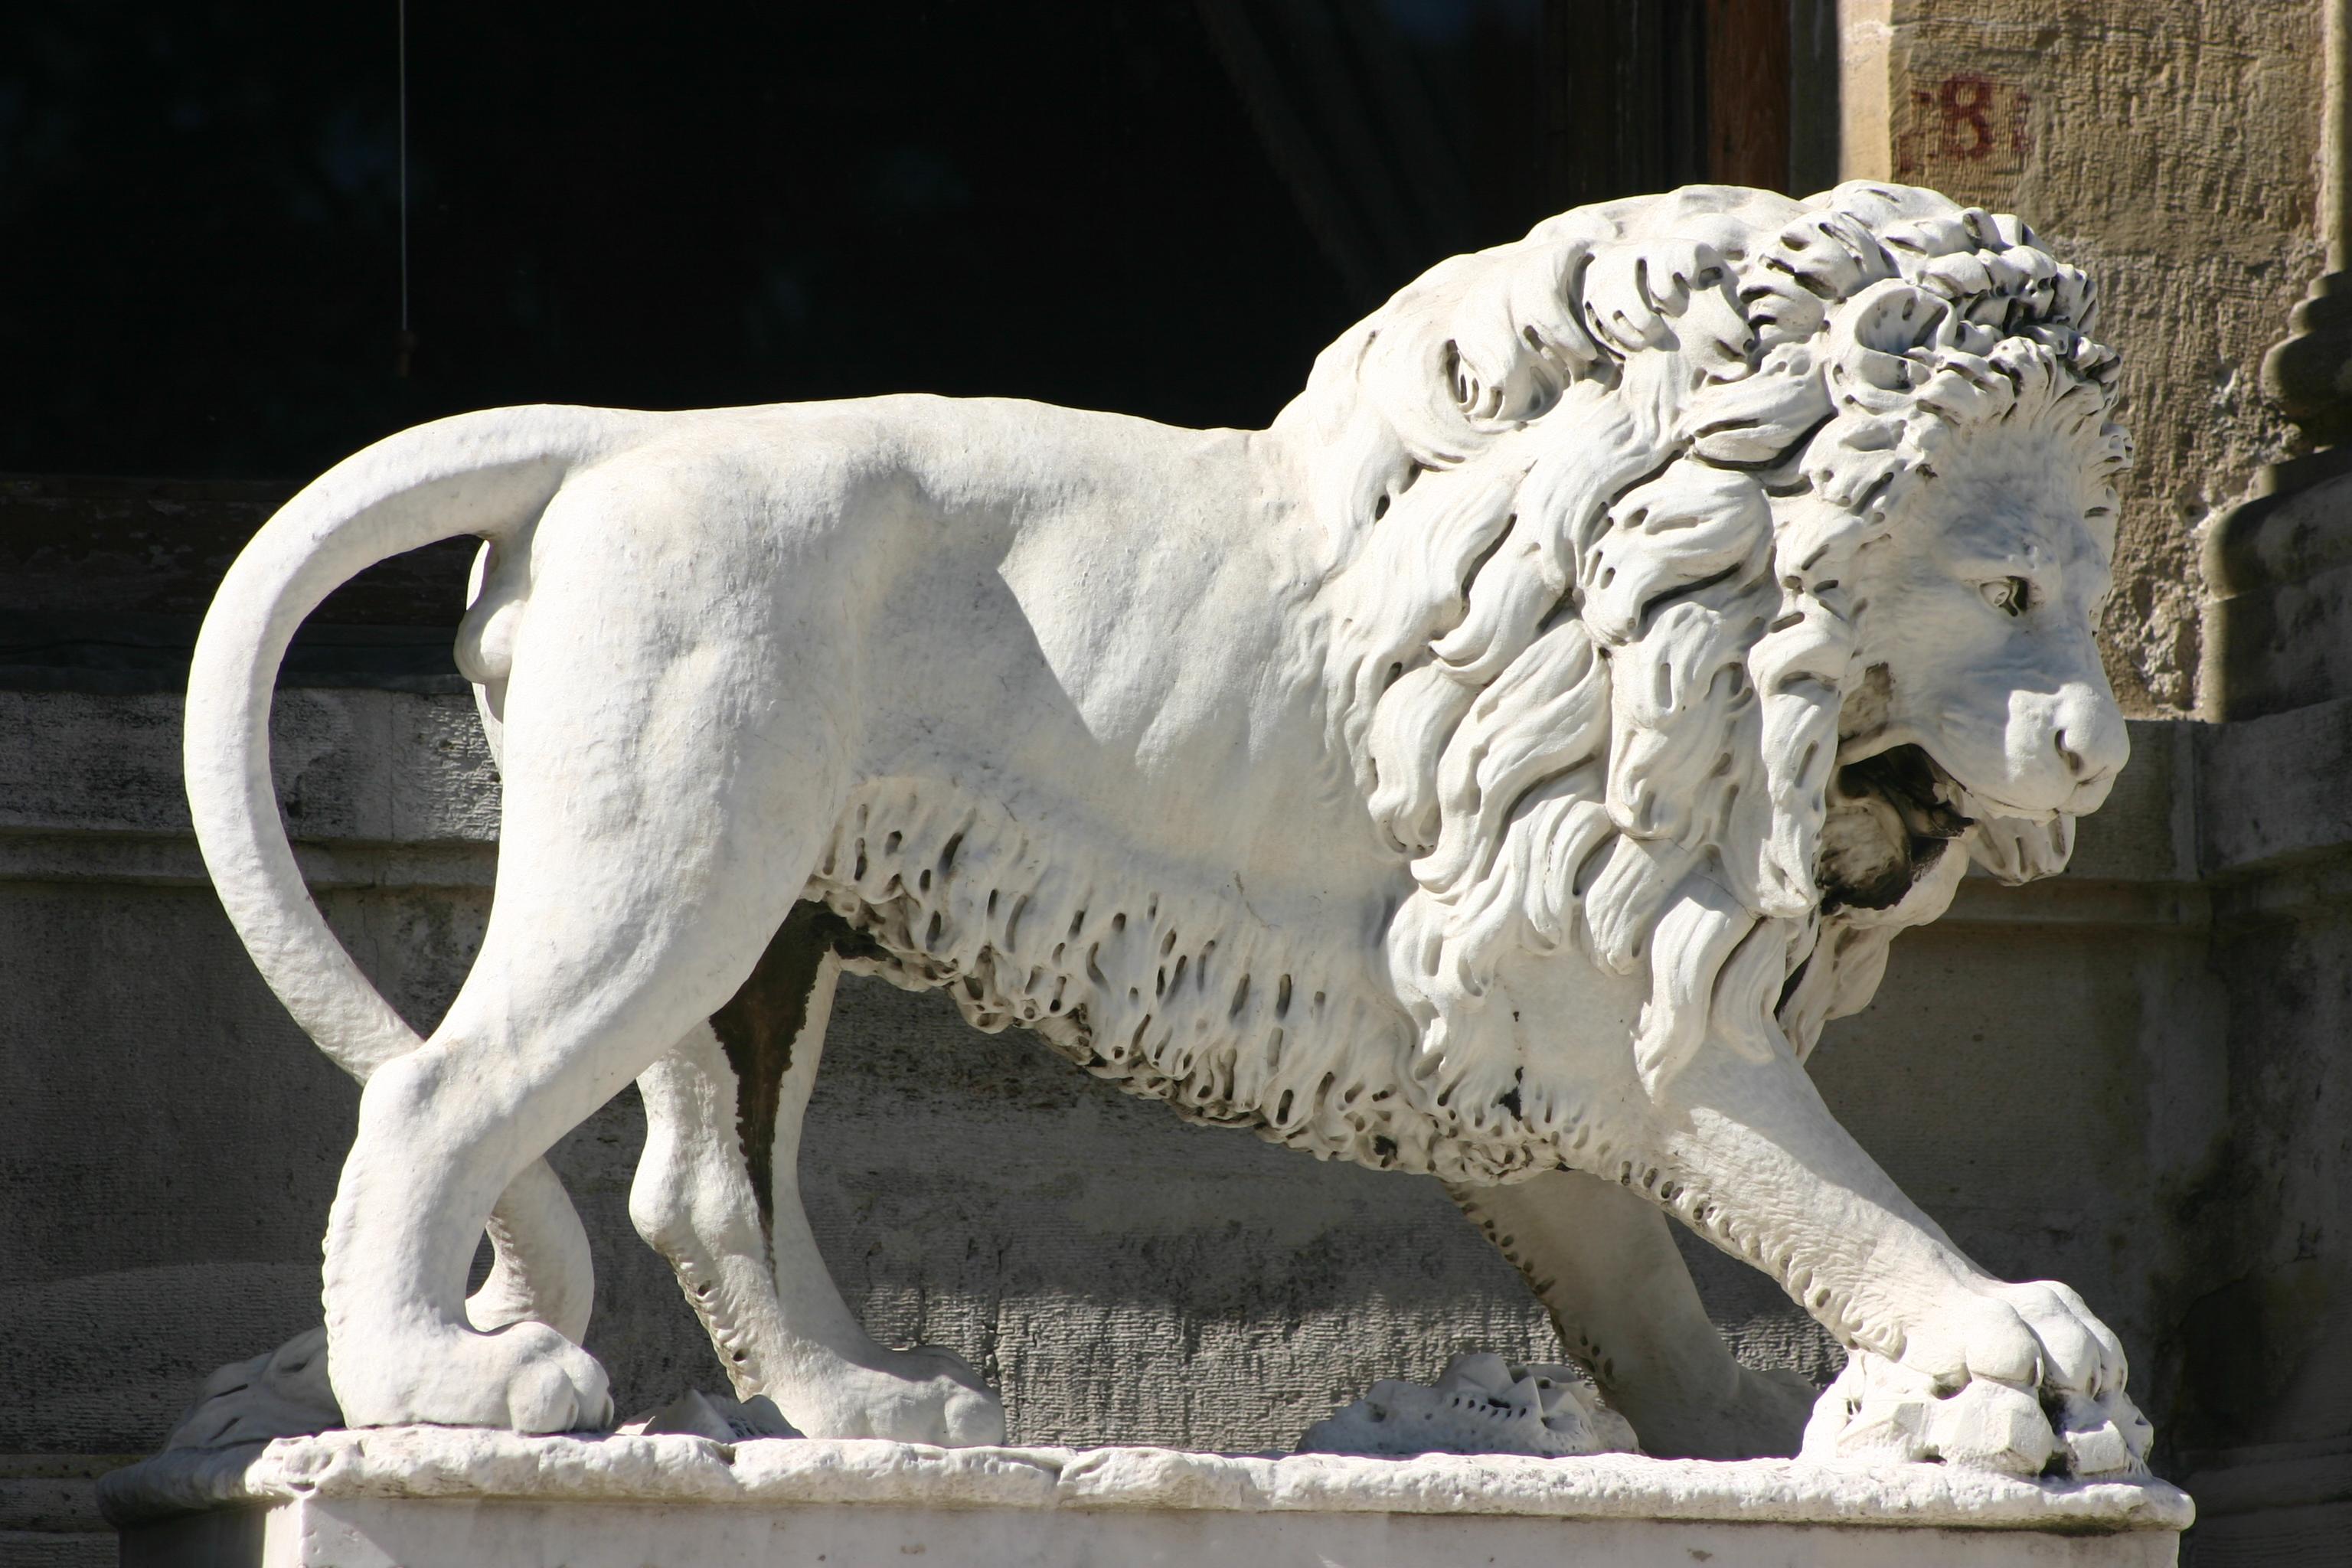 File:Beylerbeyi Palace - Lion statue.jpg - Wikimedia Commons